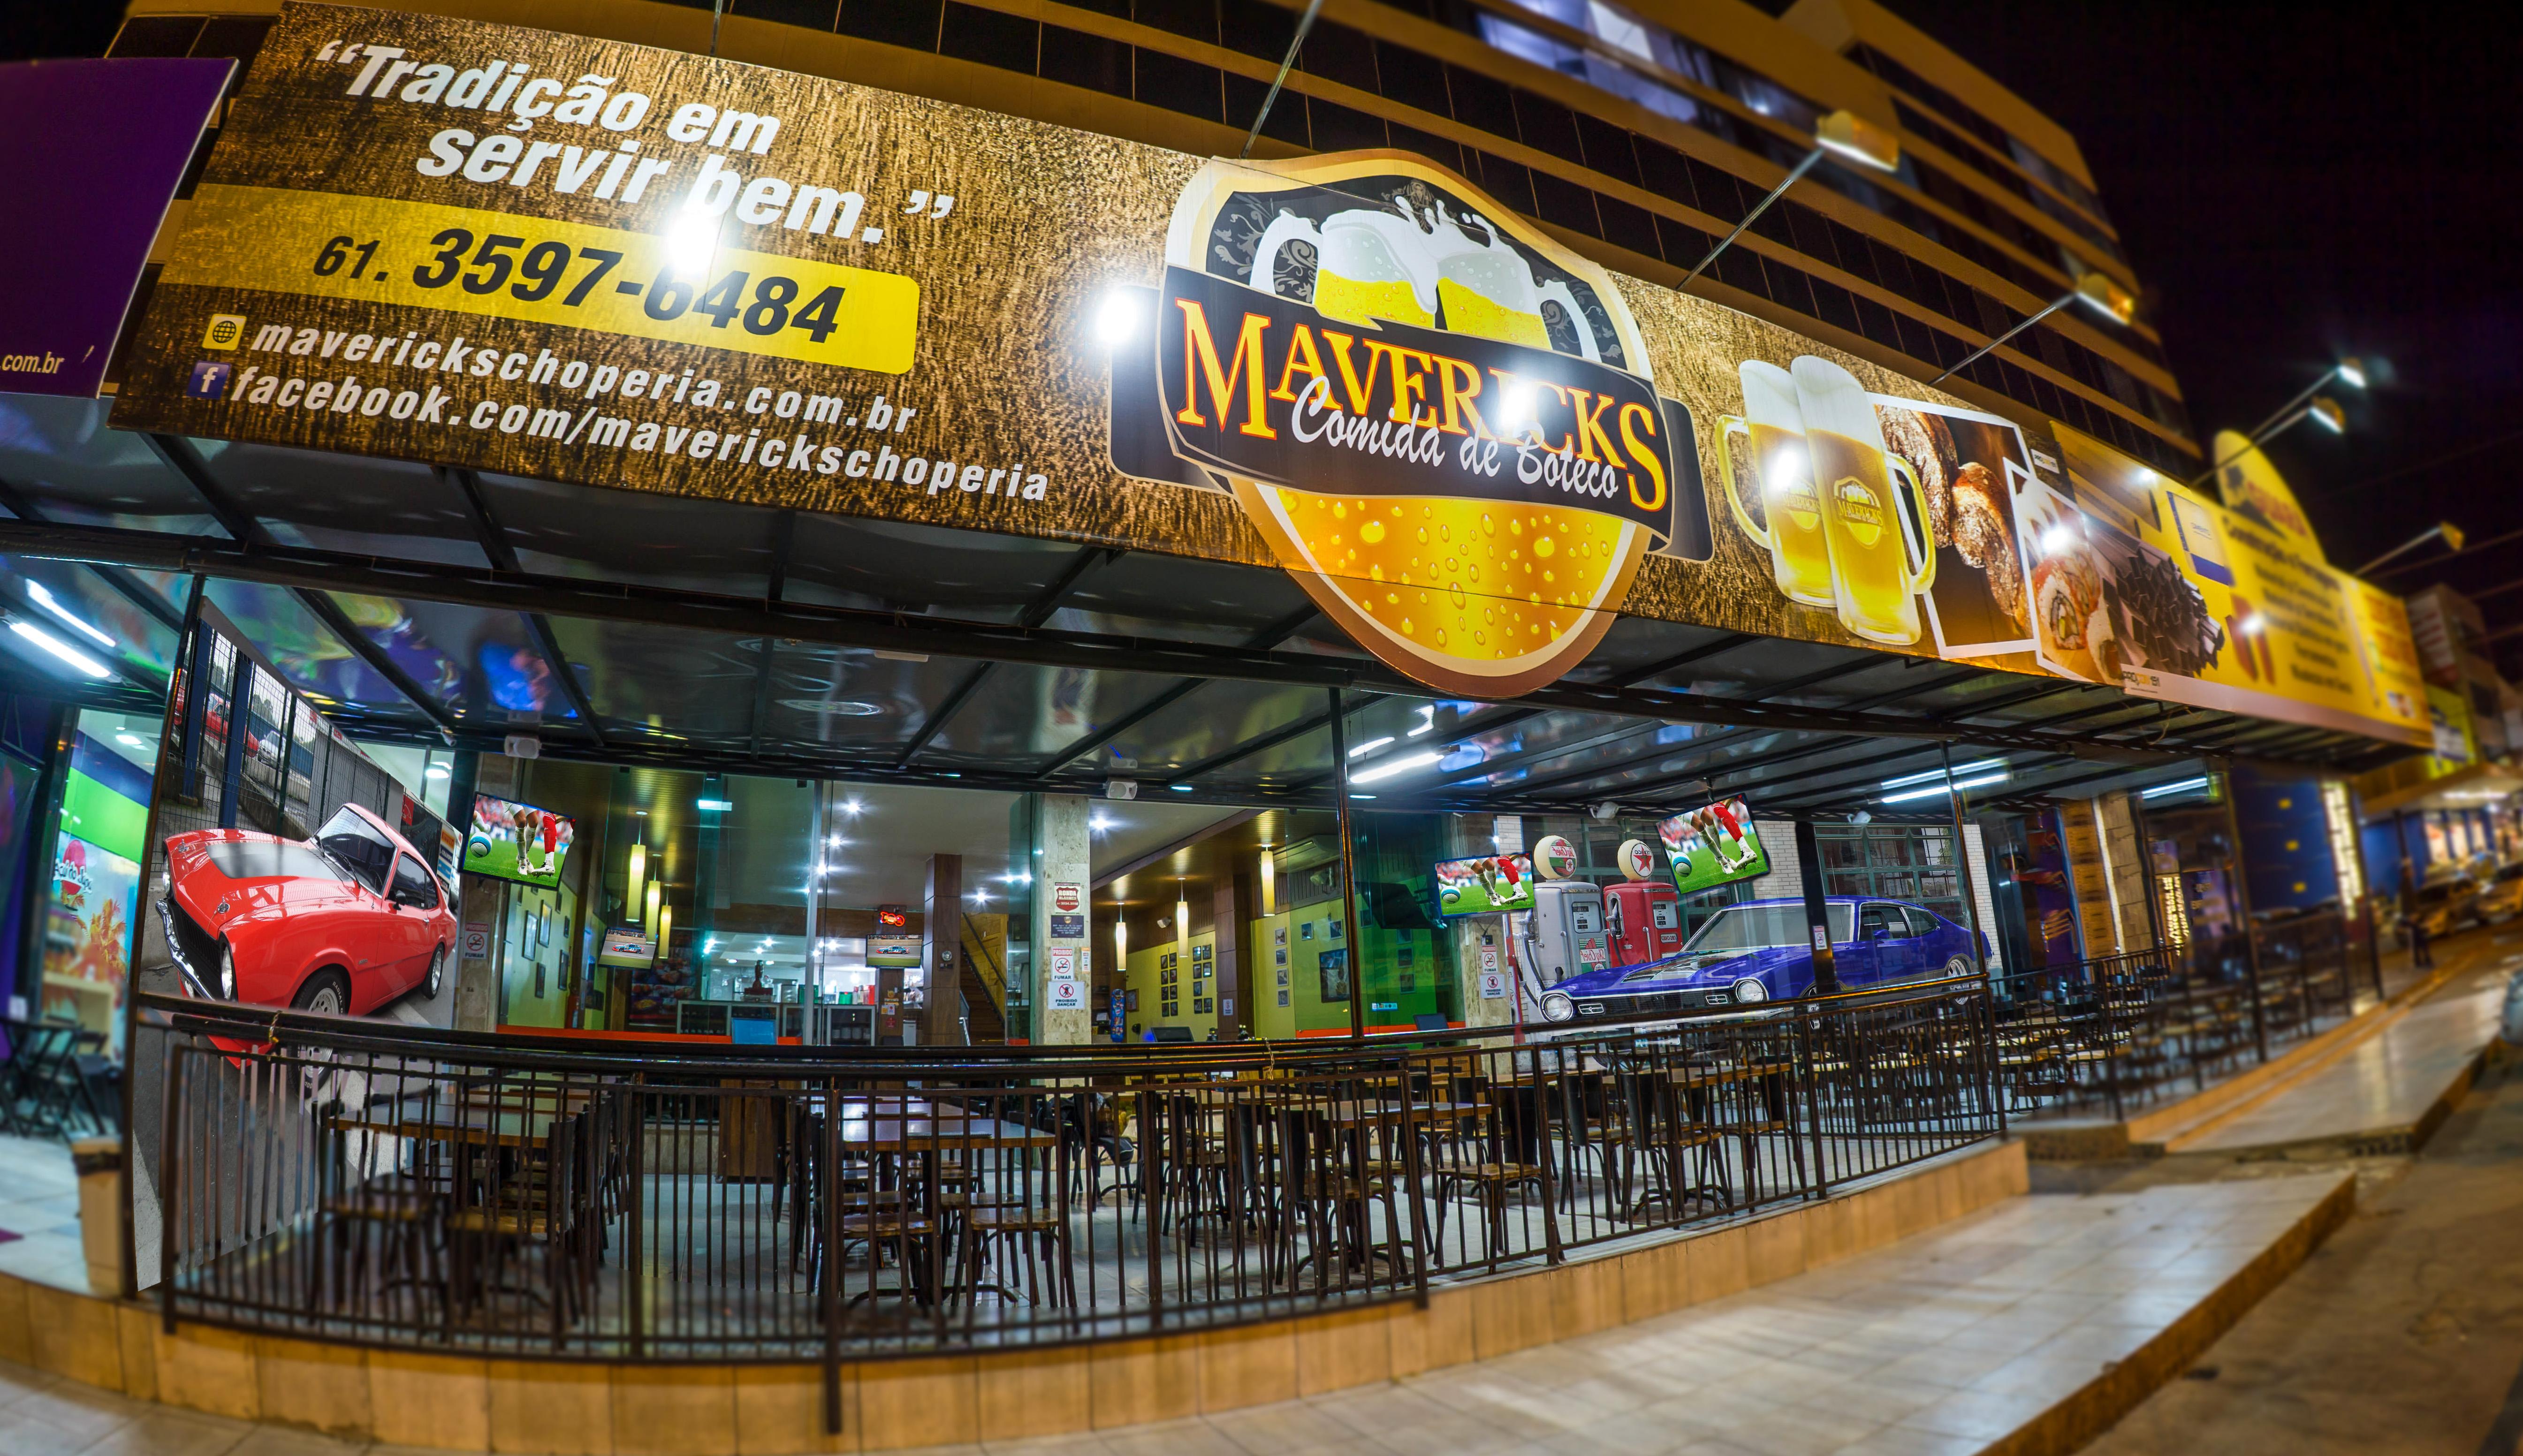 Maverick's